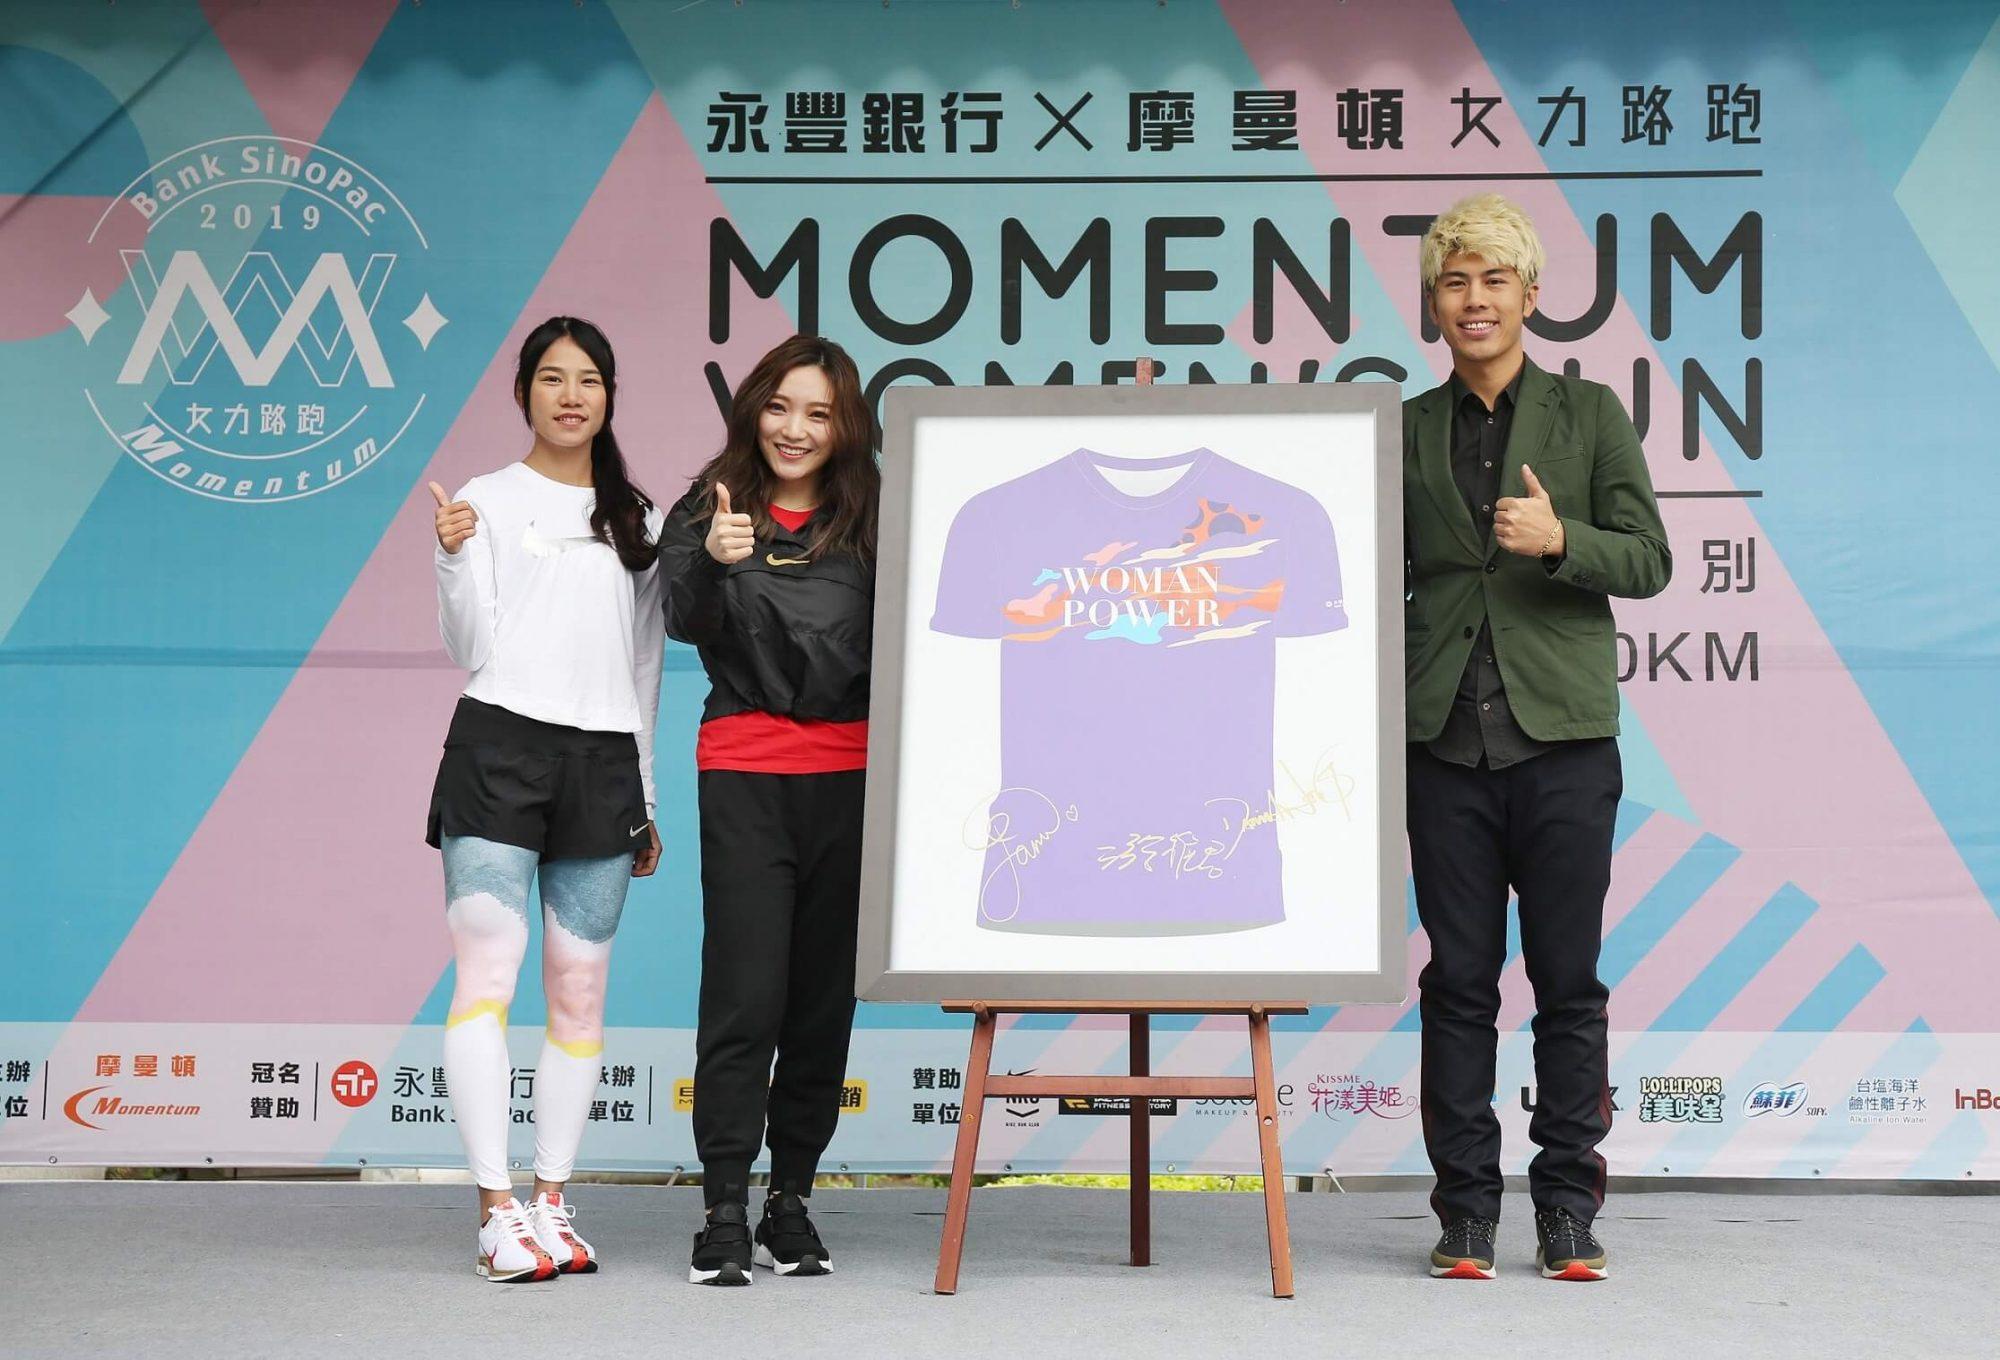 momentum-womens-run-1